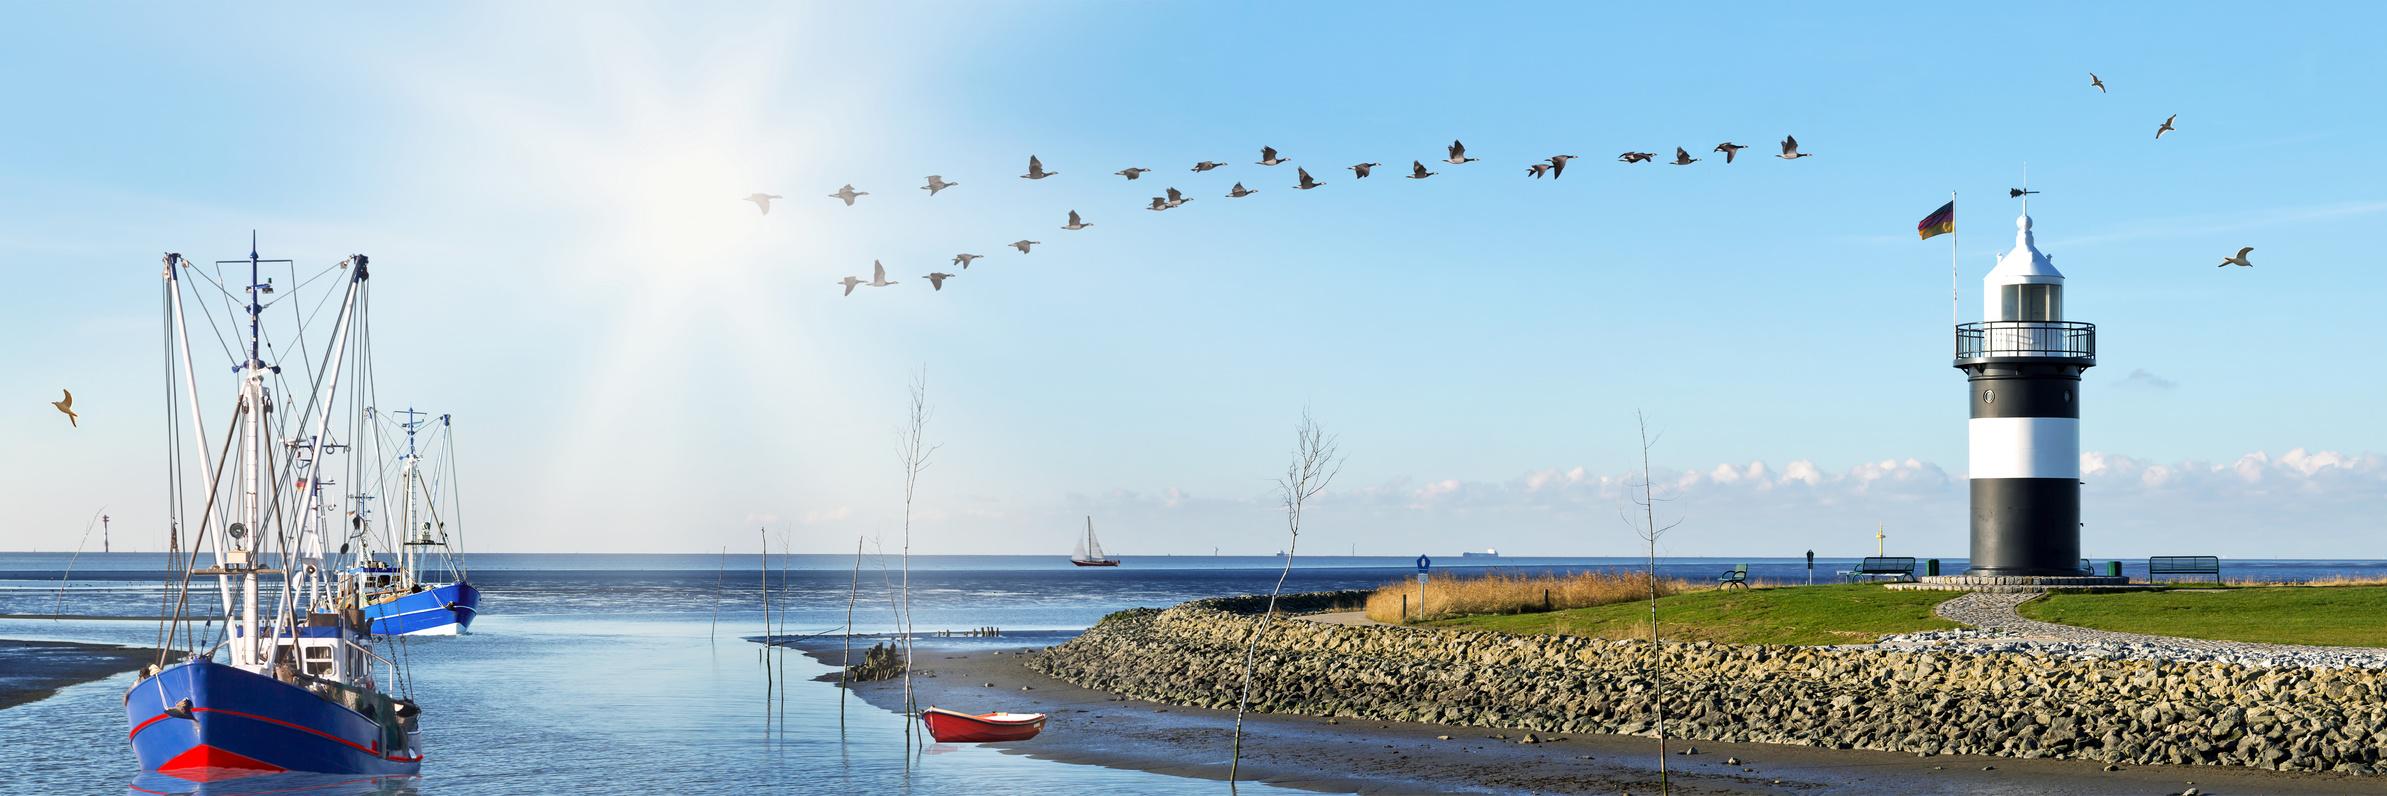 Hotelreinigung-Cuxhaven und Housekeeping-Cuxhaven